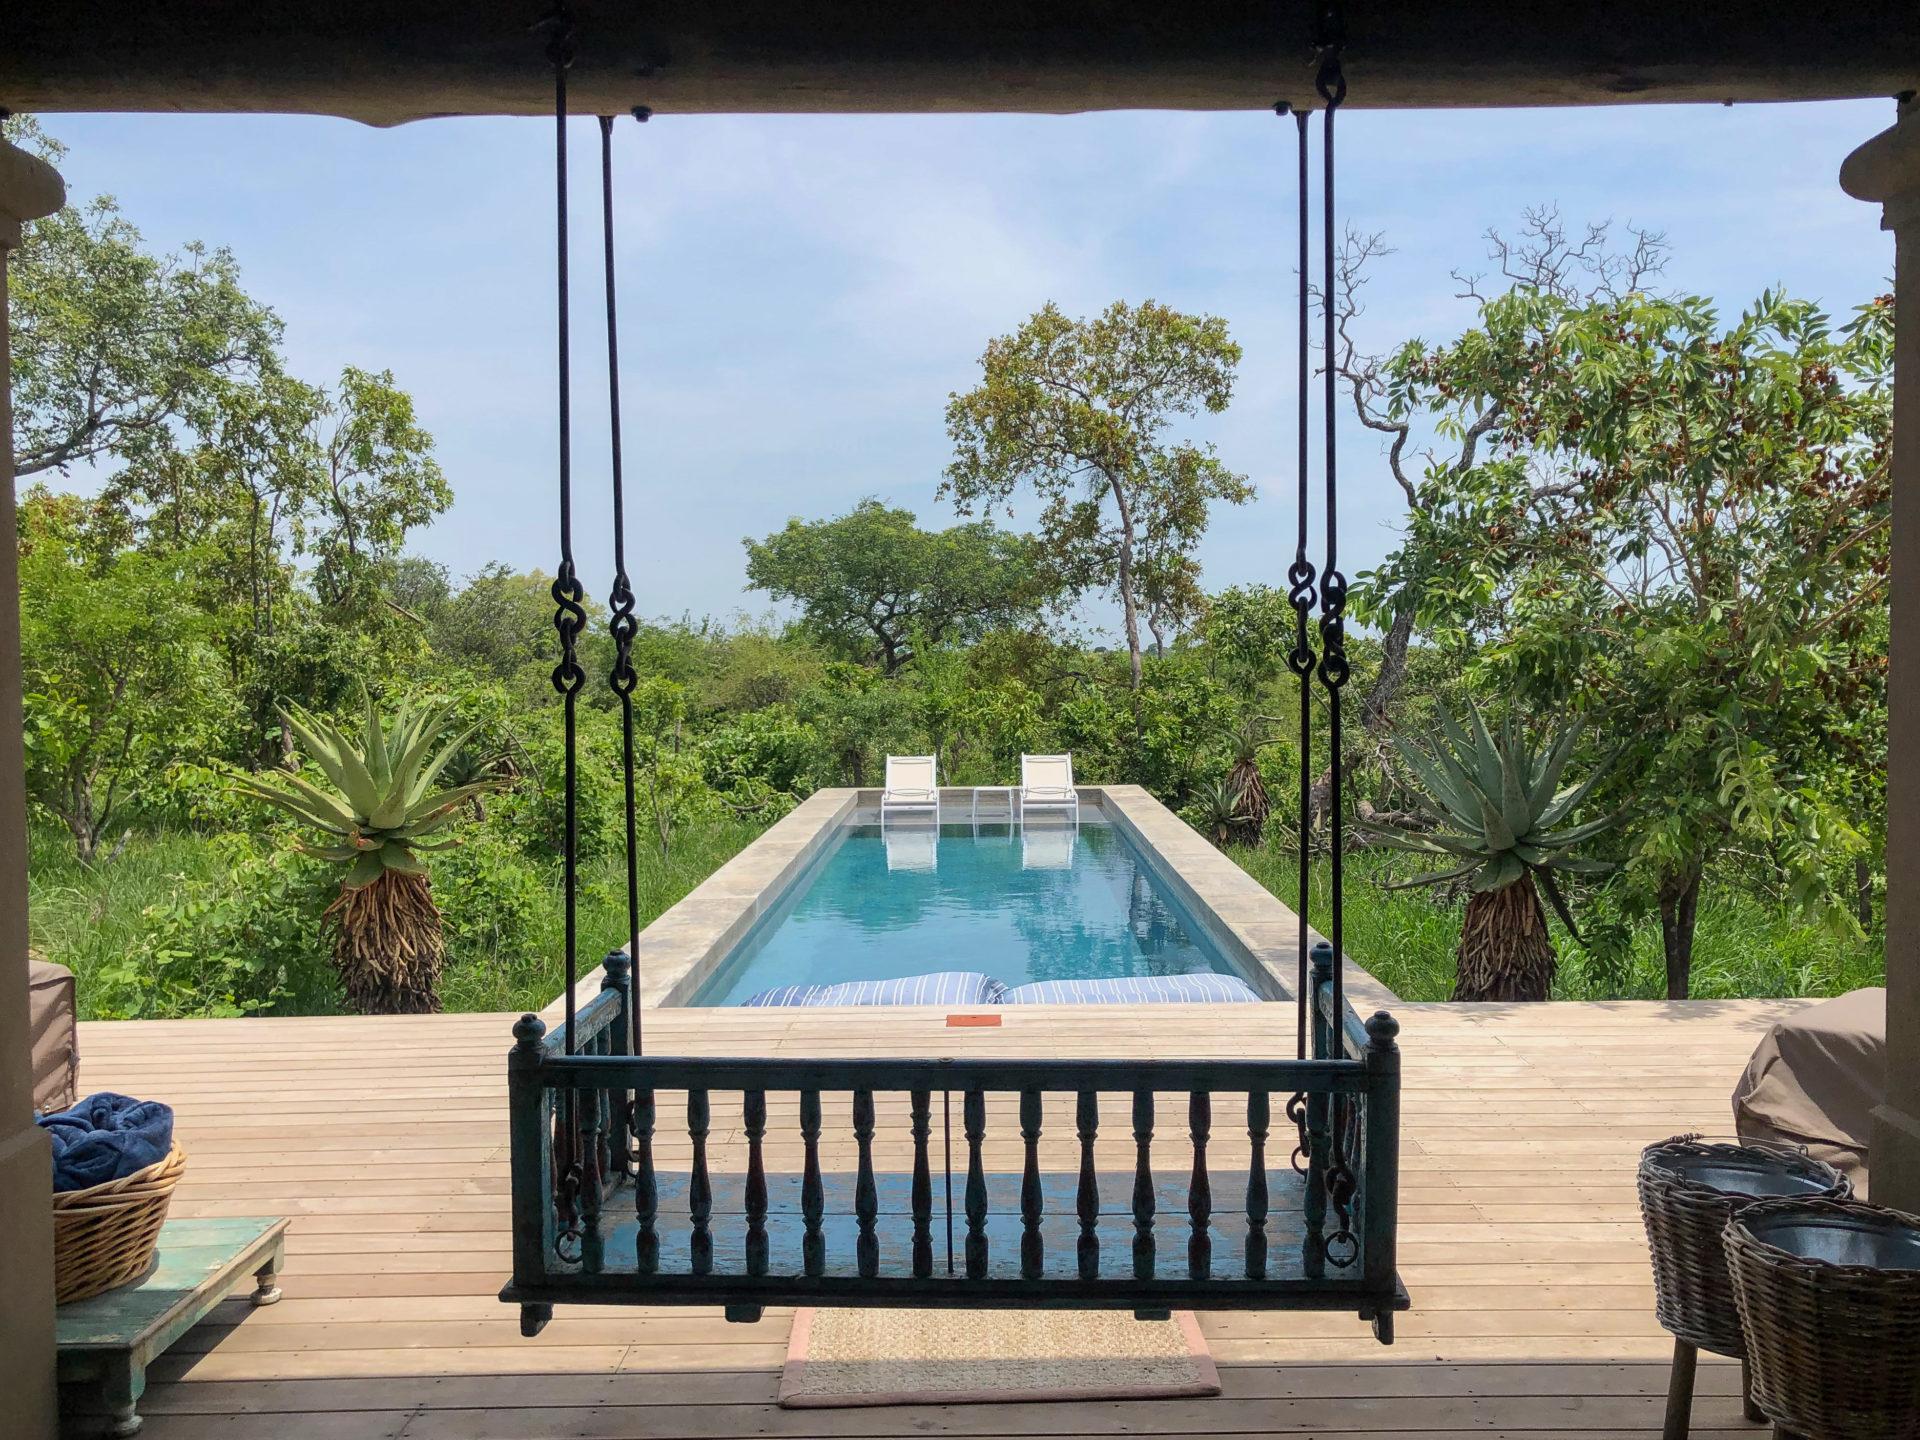 Swimming Pool mit Liebensschaukel im Royal Malewane im Greater Kruger Nationalpark in Südafrika